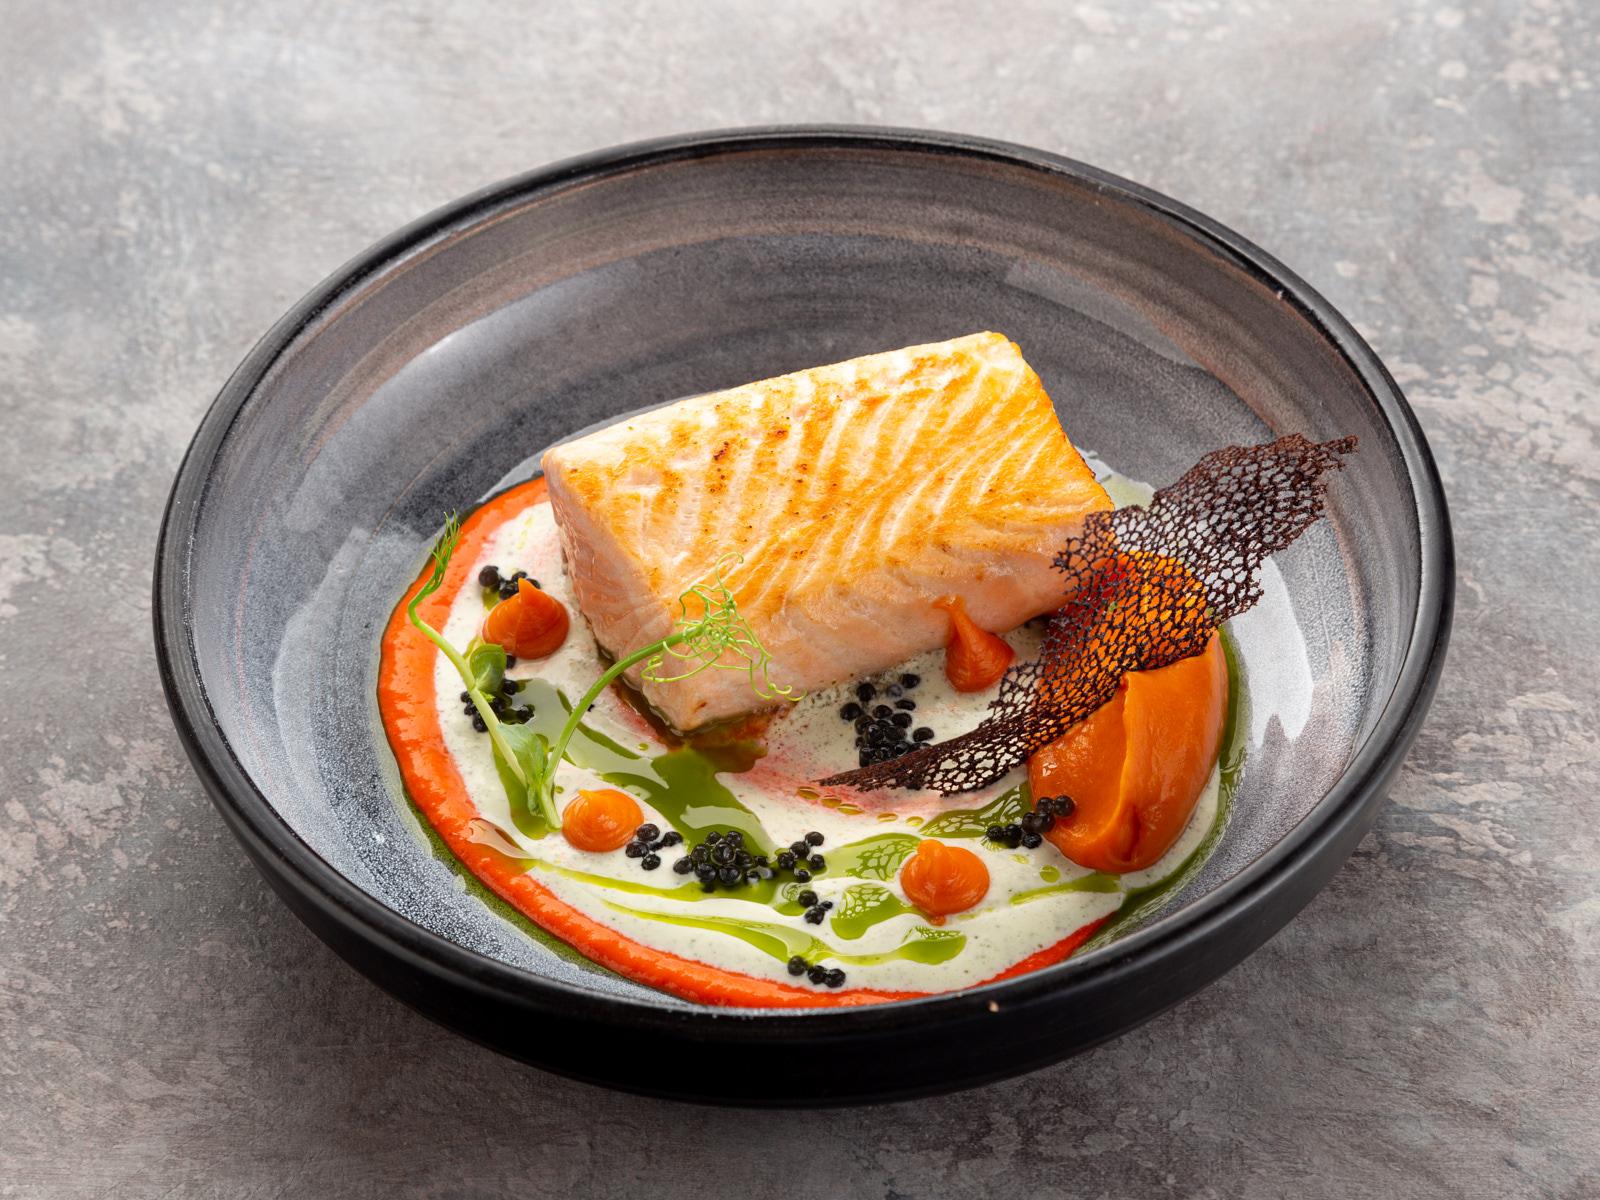 Спинка атлантического лосося со сливочным соусом